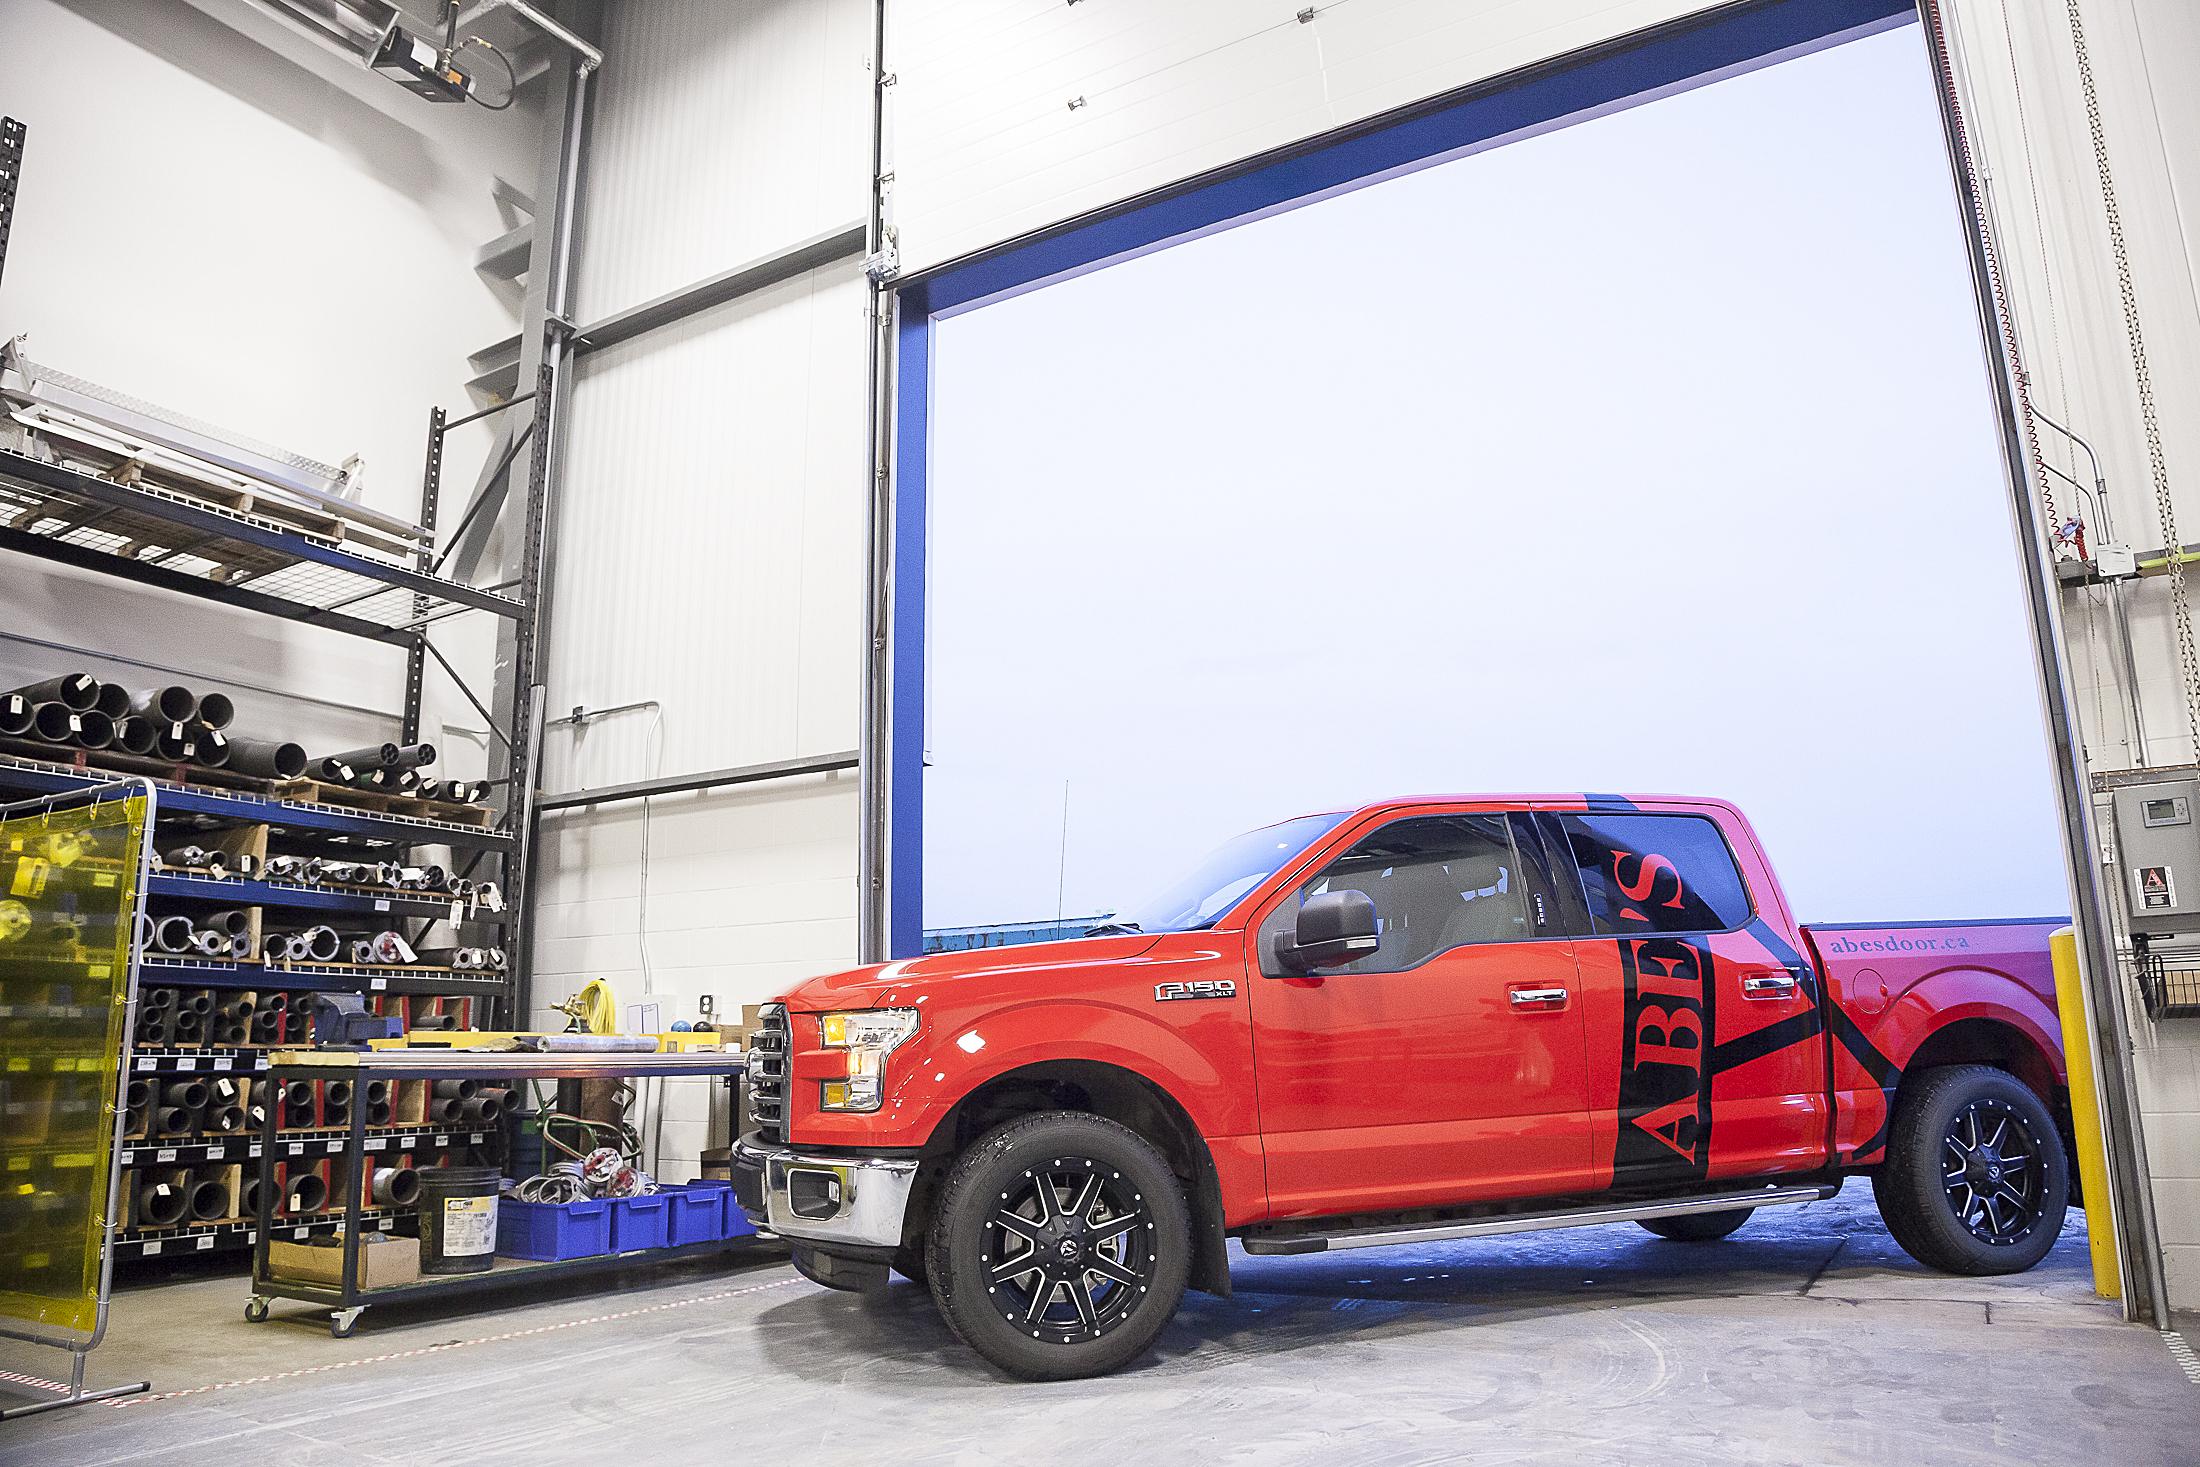 mobile truck service for door repair